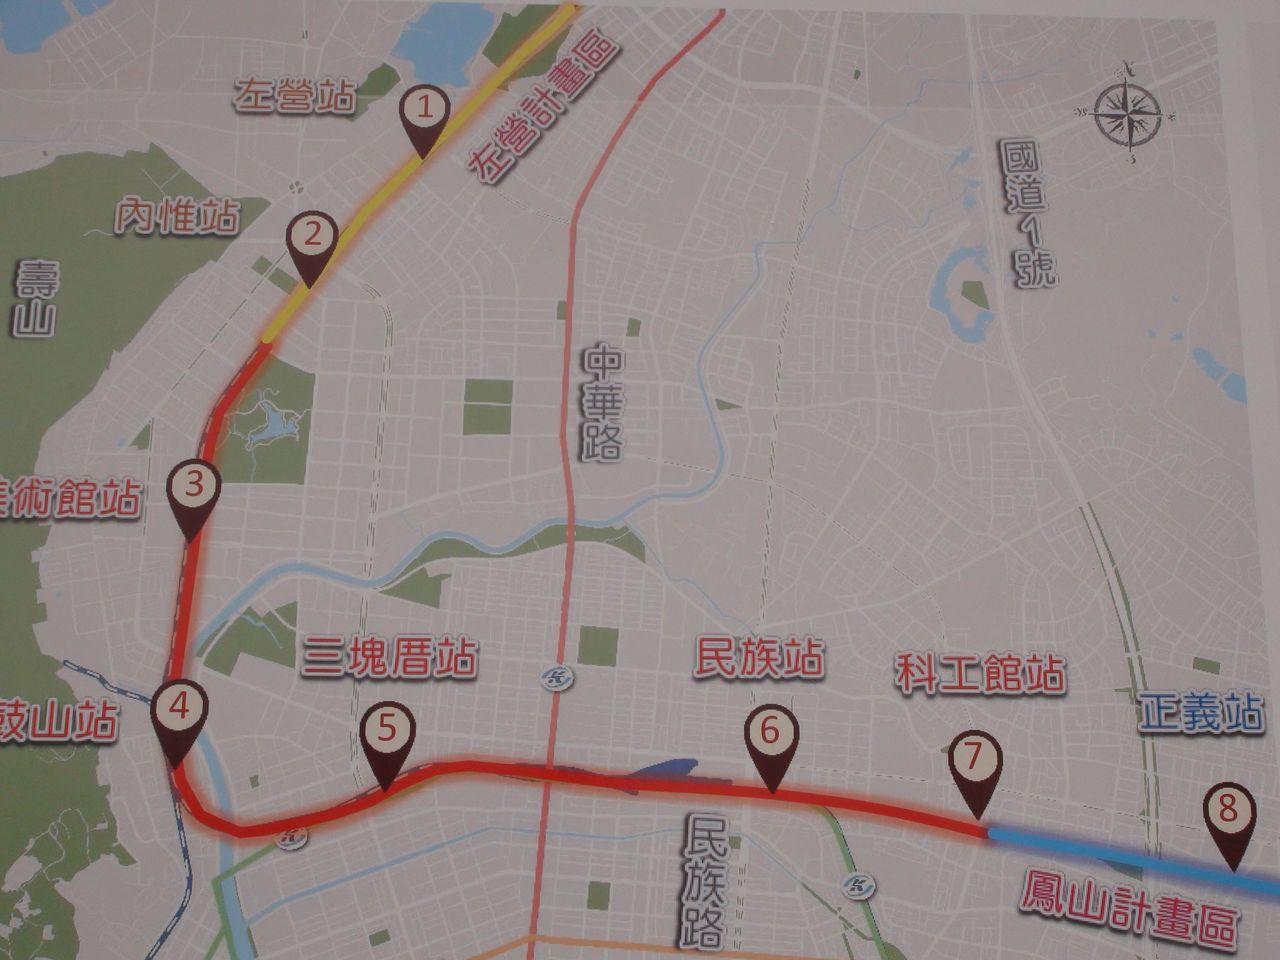 高雄市區鐵路地下化起點北起左營區新左營站附近,向南而東至鳳山區大智陸橋為止,全長...